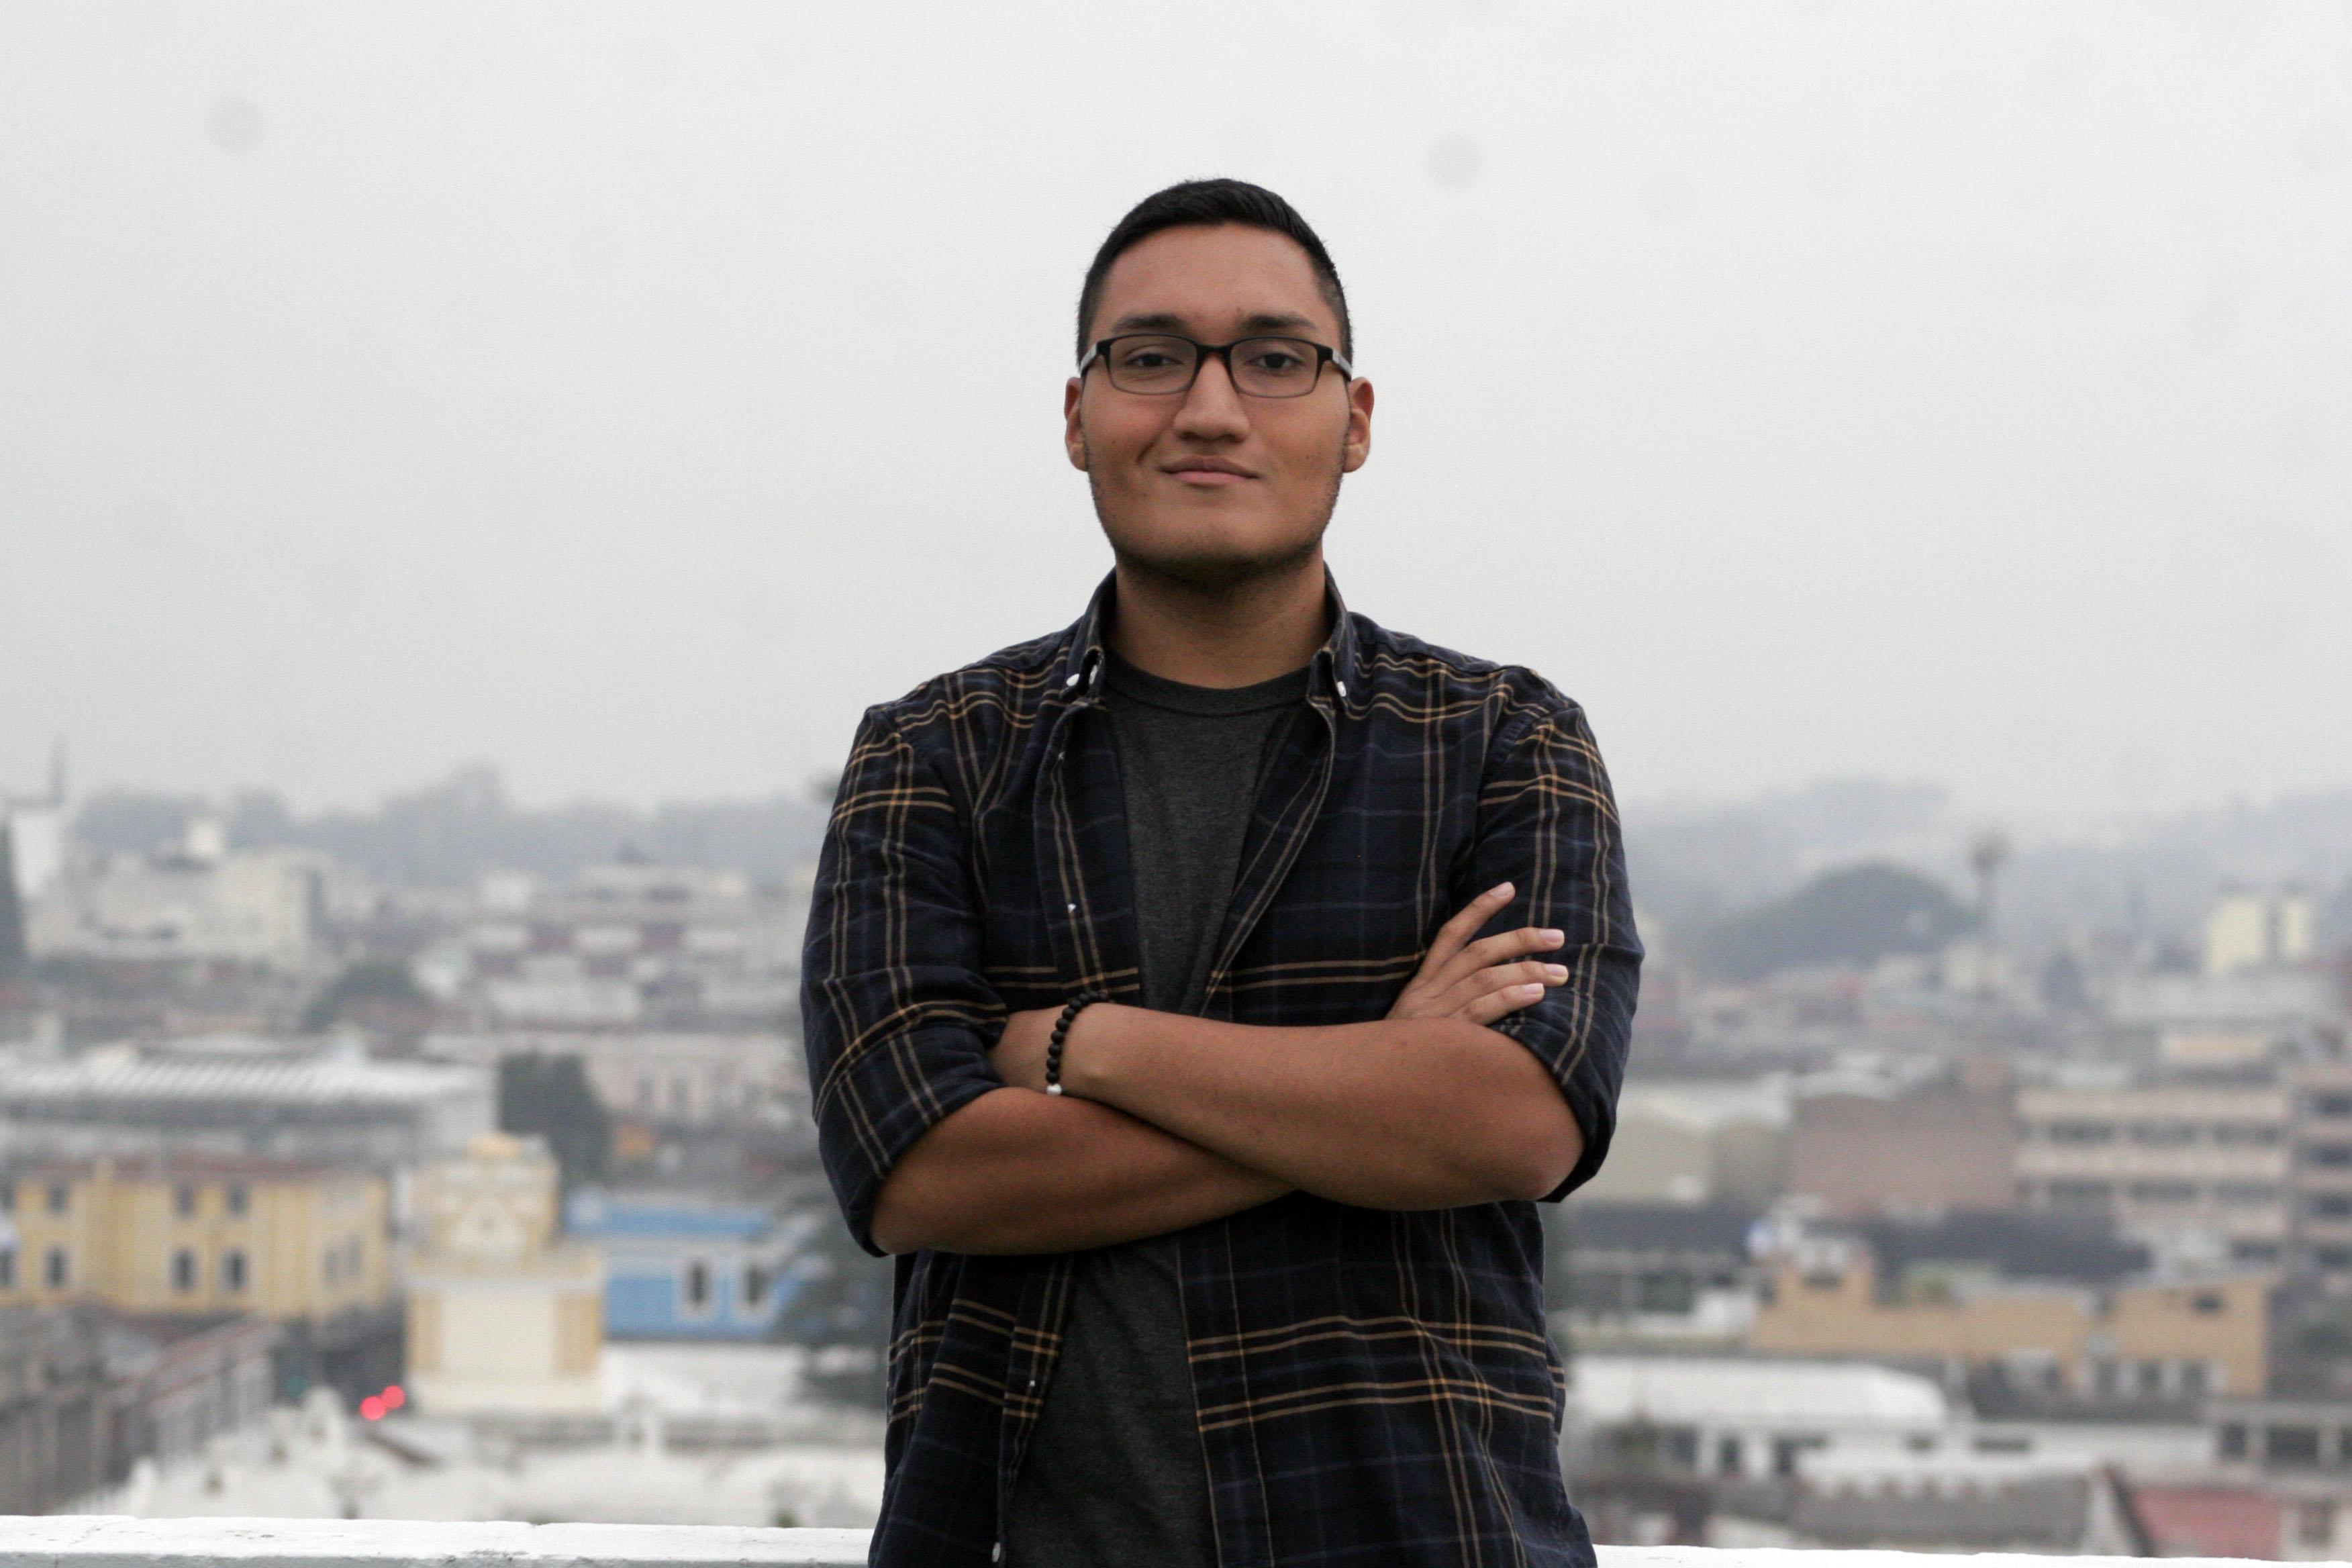 """Romeo López,cineasta guatemalteco presenta su cortometraje """"Lo que ocultan las tinieblas"""", ganador a mejor cortometraje de horror y mejor cinematografía en Los Angeles Film Awards.  (Foto Prensa Libre: María Rene Barrientos Gaytan)"""